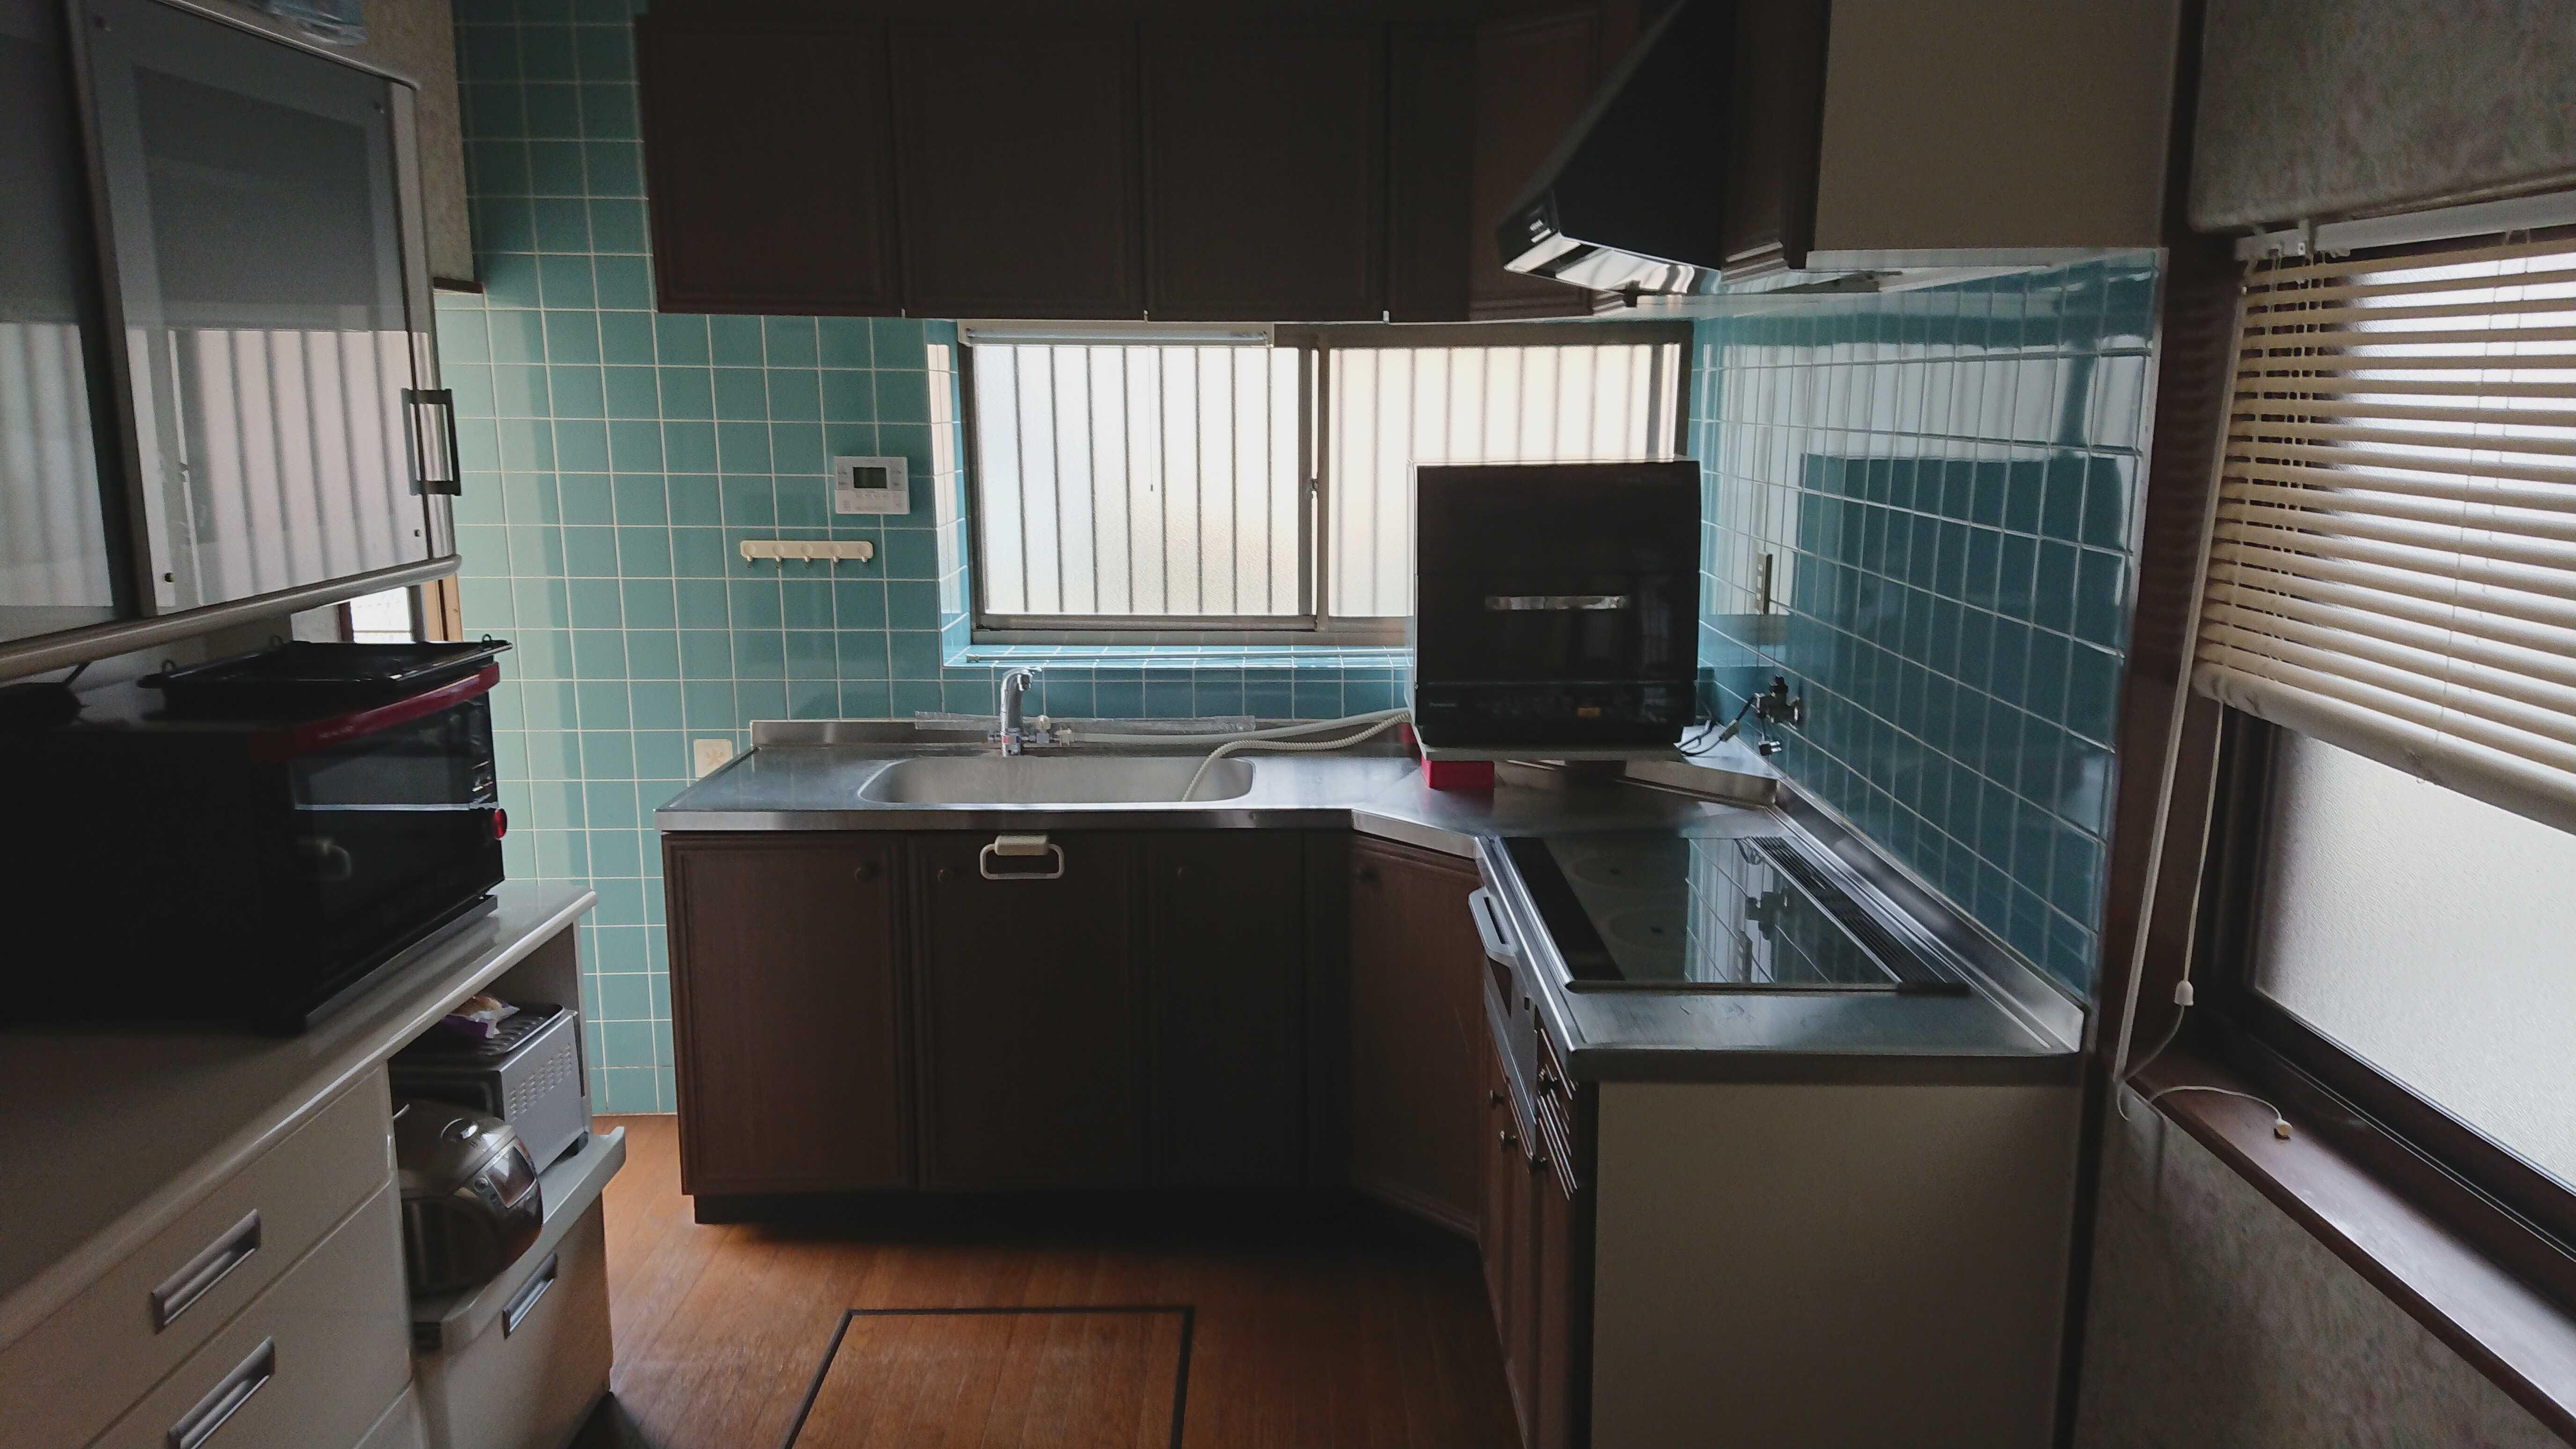 オール電化のヒシダデンキ キッチンリフォーム工事